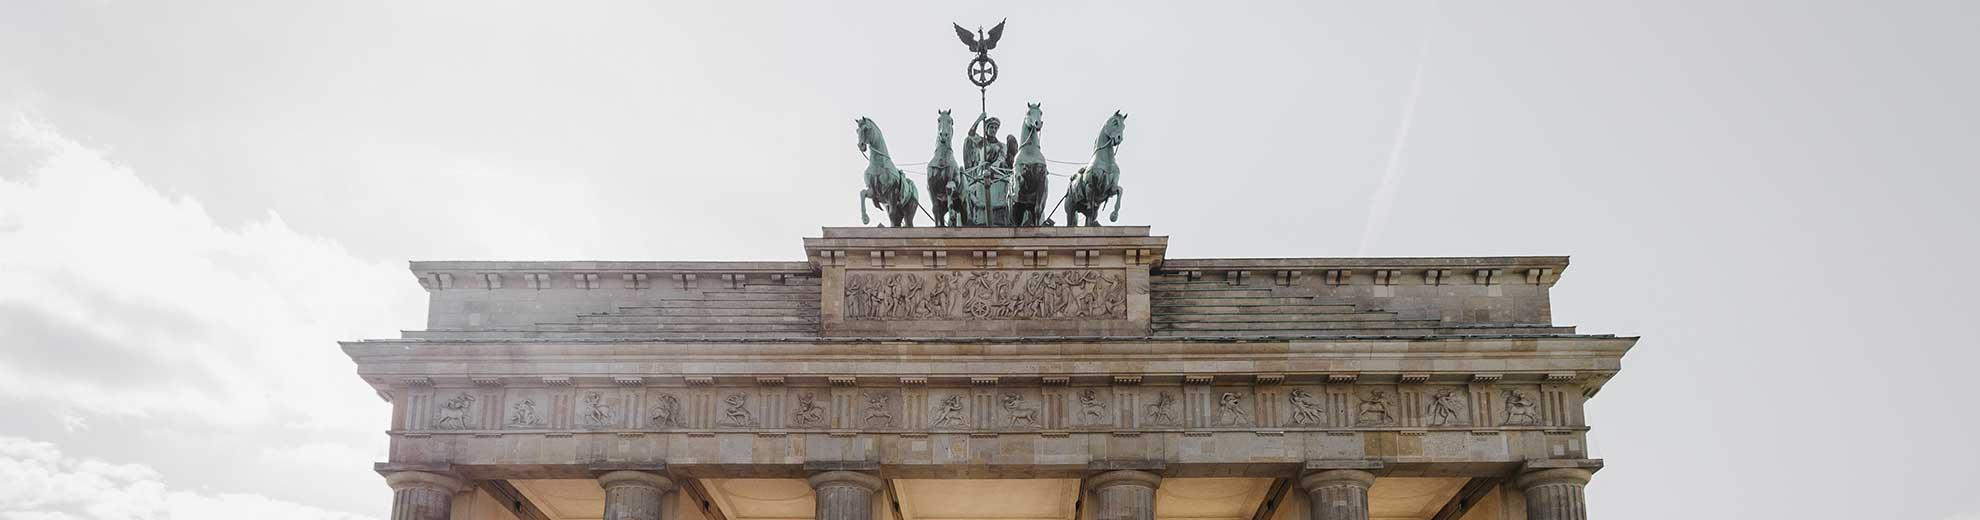 Berlin, Branderburg Gate